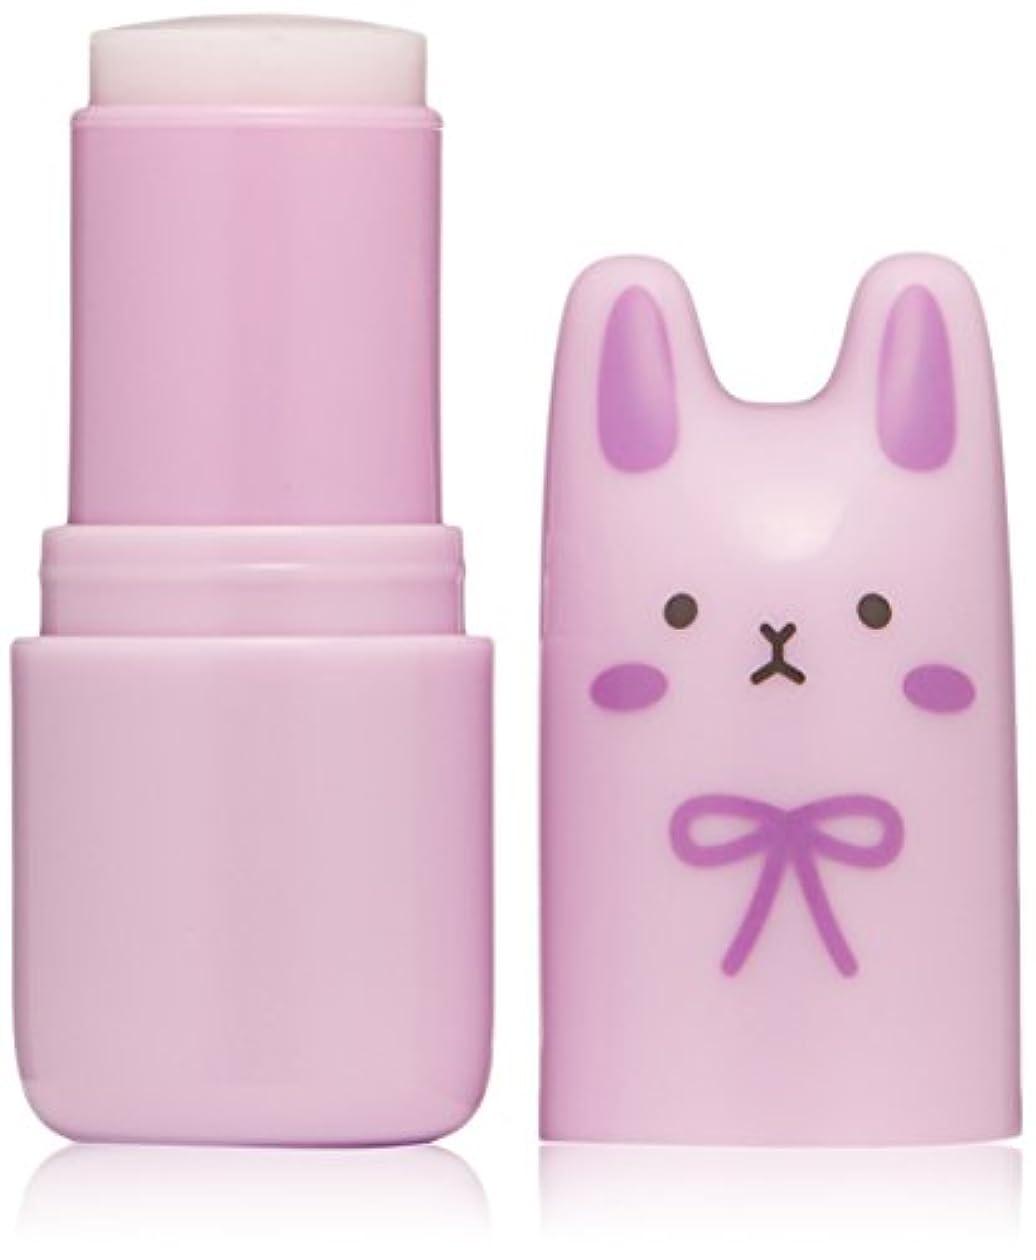 落ち着かないこんにちは多年生TONYMOLY Pocket Bunny Perfume Bar #03 Bloom Bunny/トニーモリー ポケット バニー パフュームバー #03 ブルームバニー